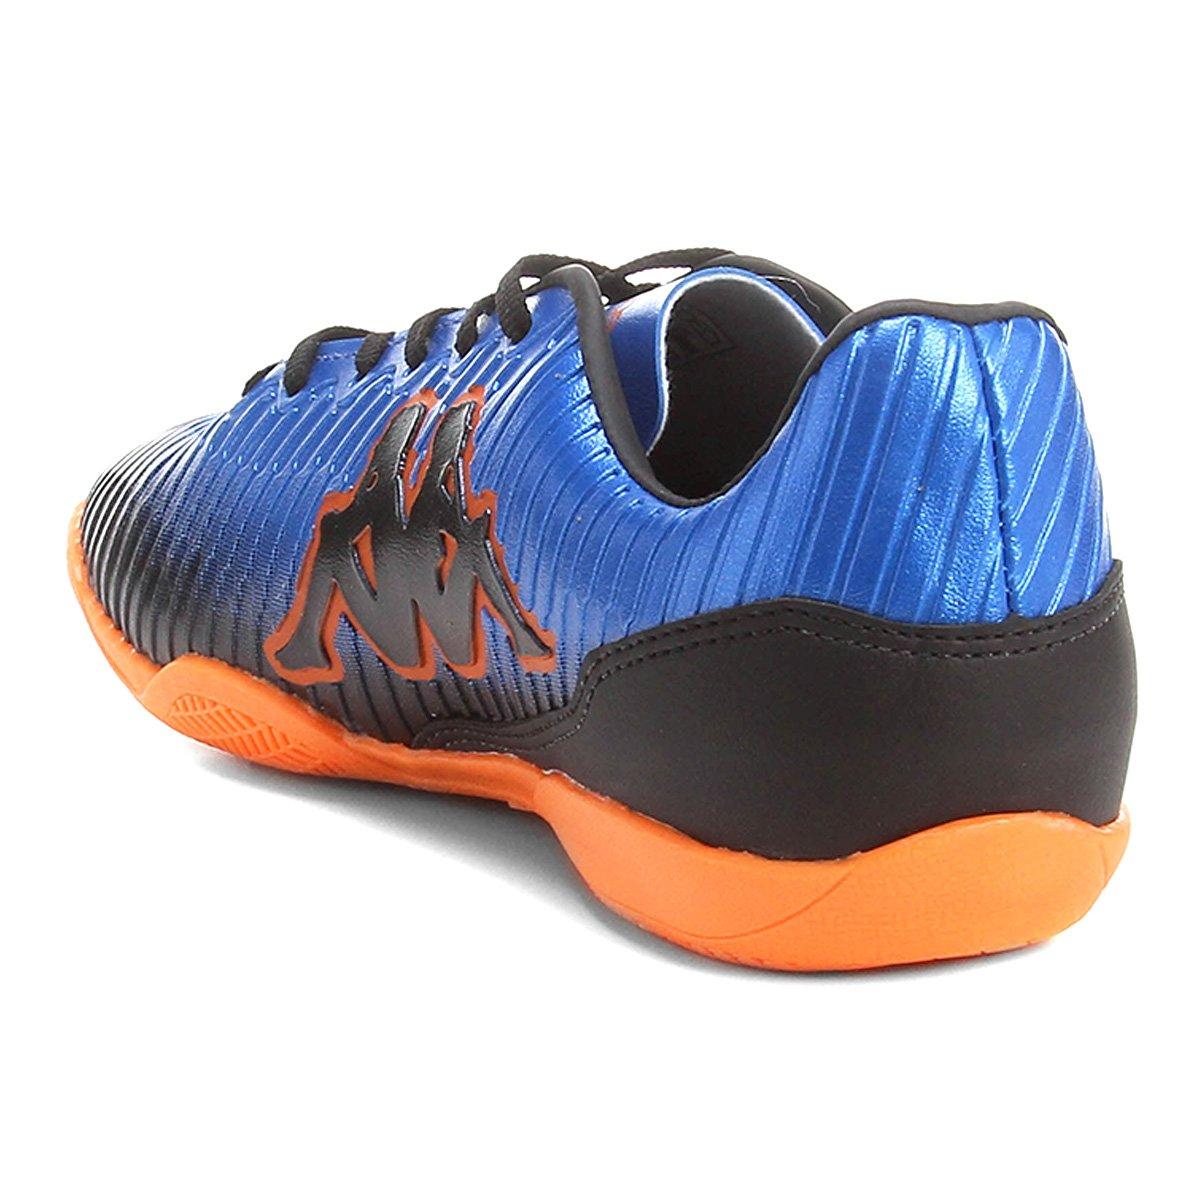 22b2611c1d Chuteira Futsal Kappa Tibre - Azul e Azul claro - Compre Agora ...